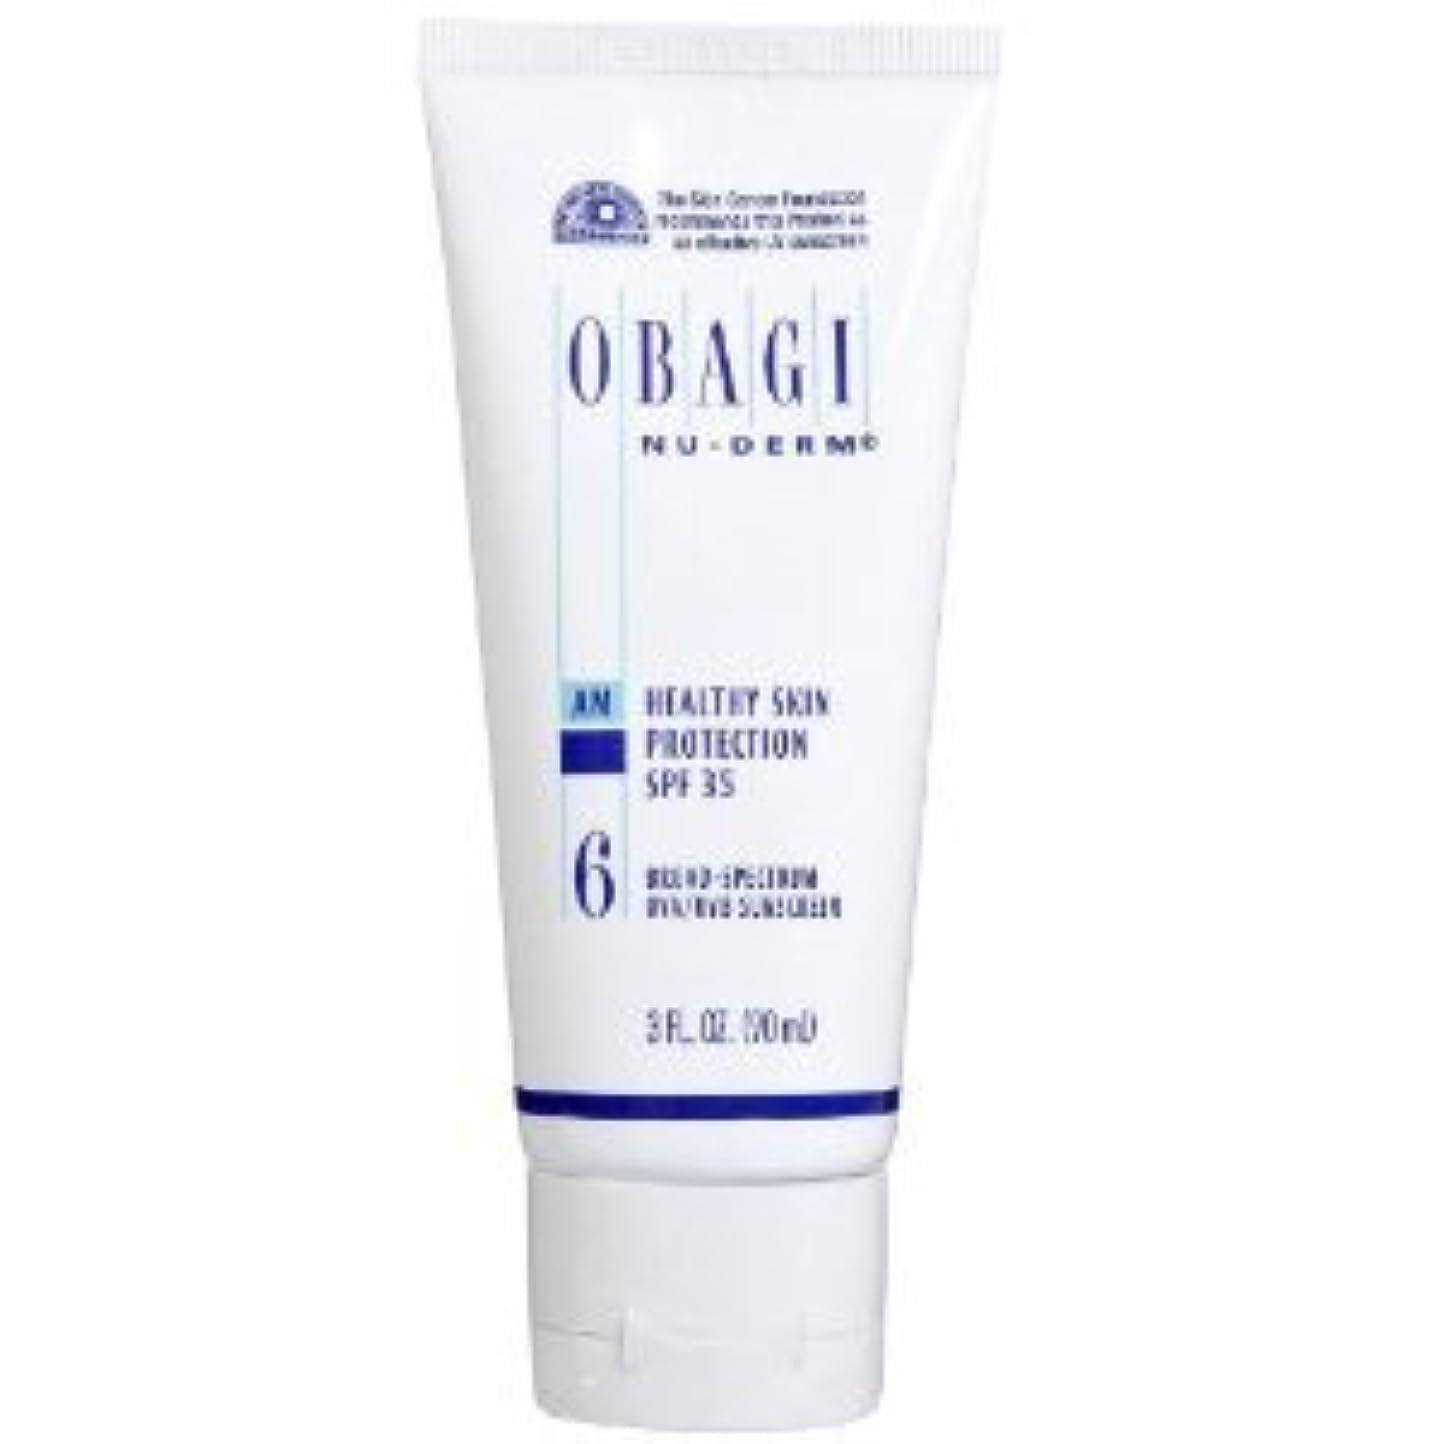 奴隷コードレス裏切りオバジ ニューダーム スキンプロテクション サンスクリーン(SPF35) Obagi Nu-Derm Healthy Skin Protection SPF 35 Sunscreens